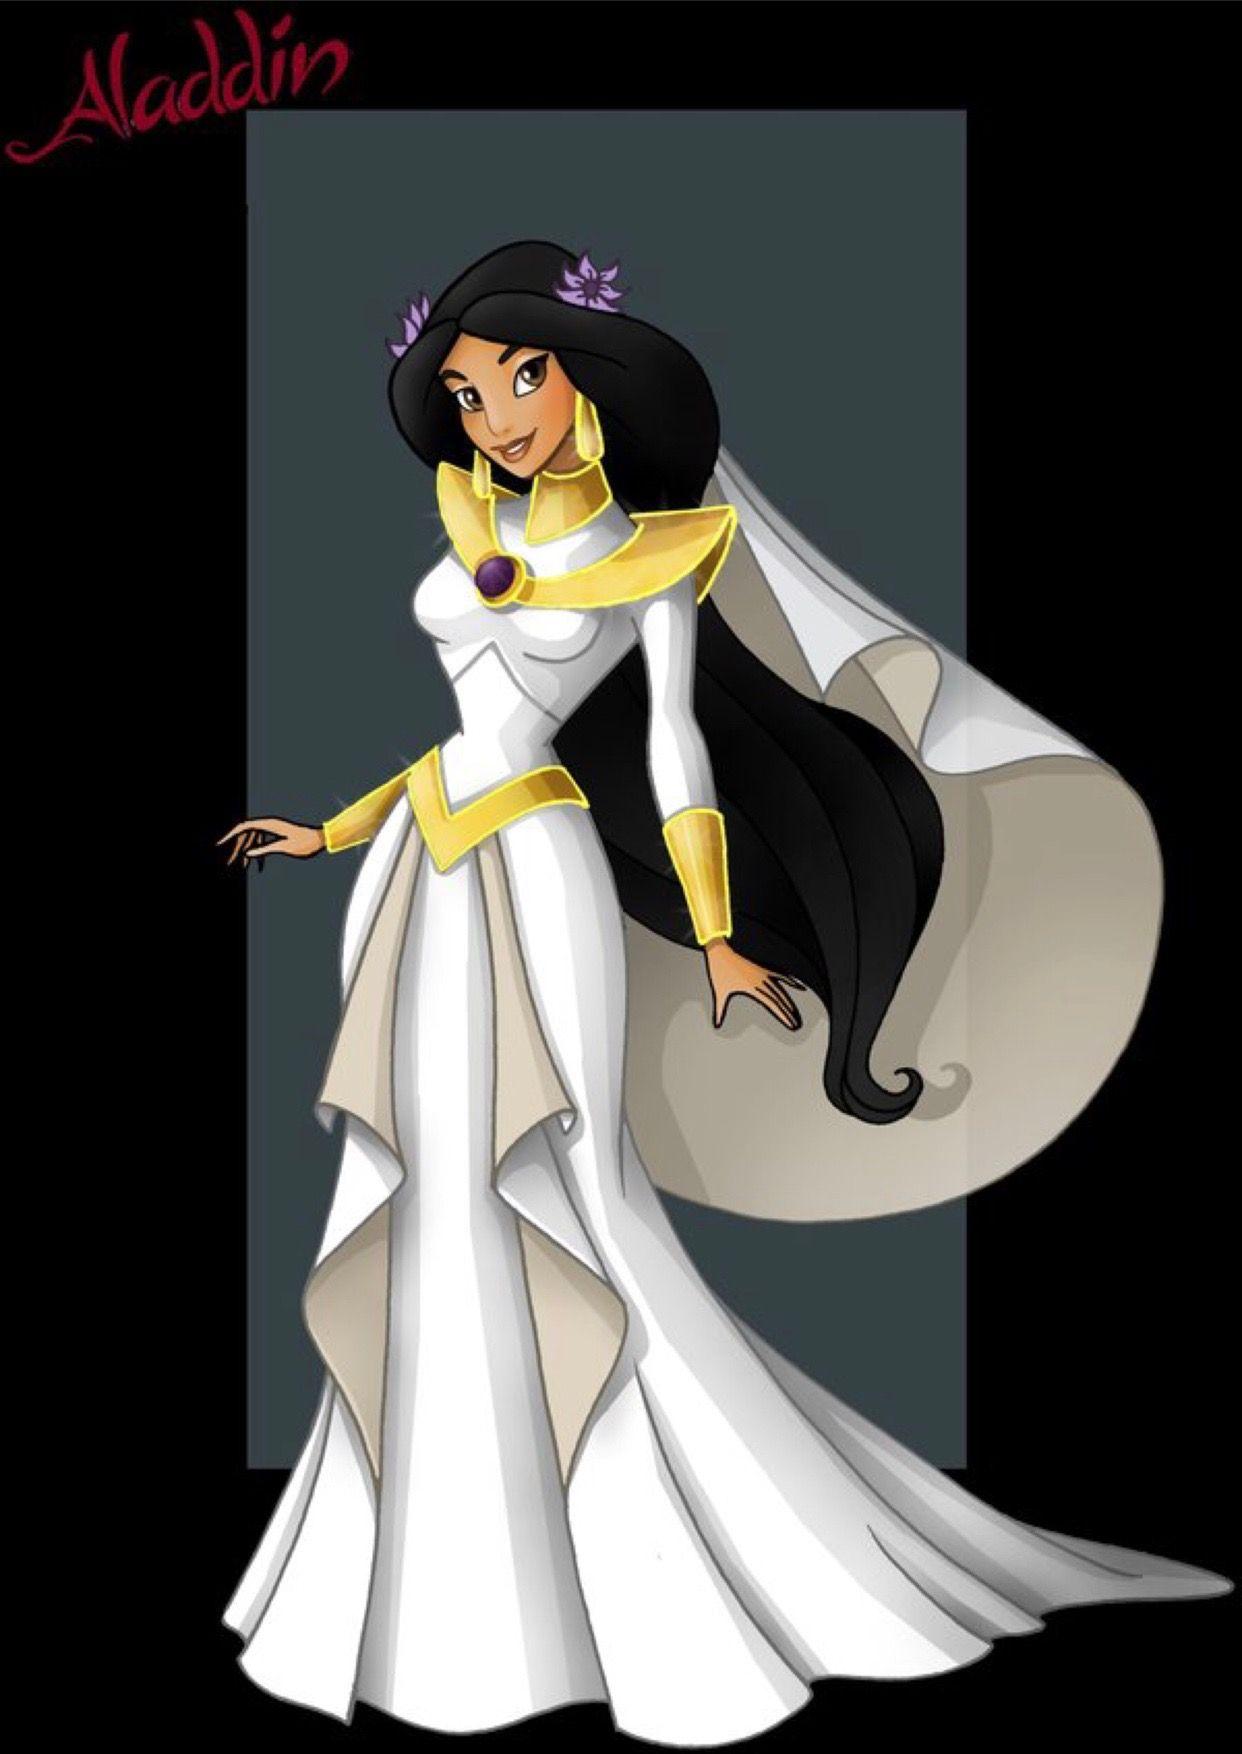 Nightwing1975 Disney Jasmine Disney Jasmine Disney Wedding Dresses Princess Jasmine Wedding [ 1754 x 1242 Pixel ]